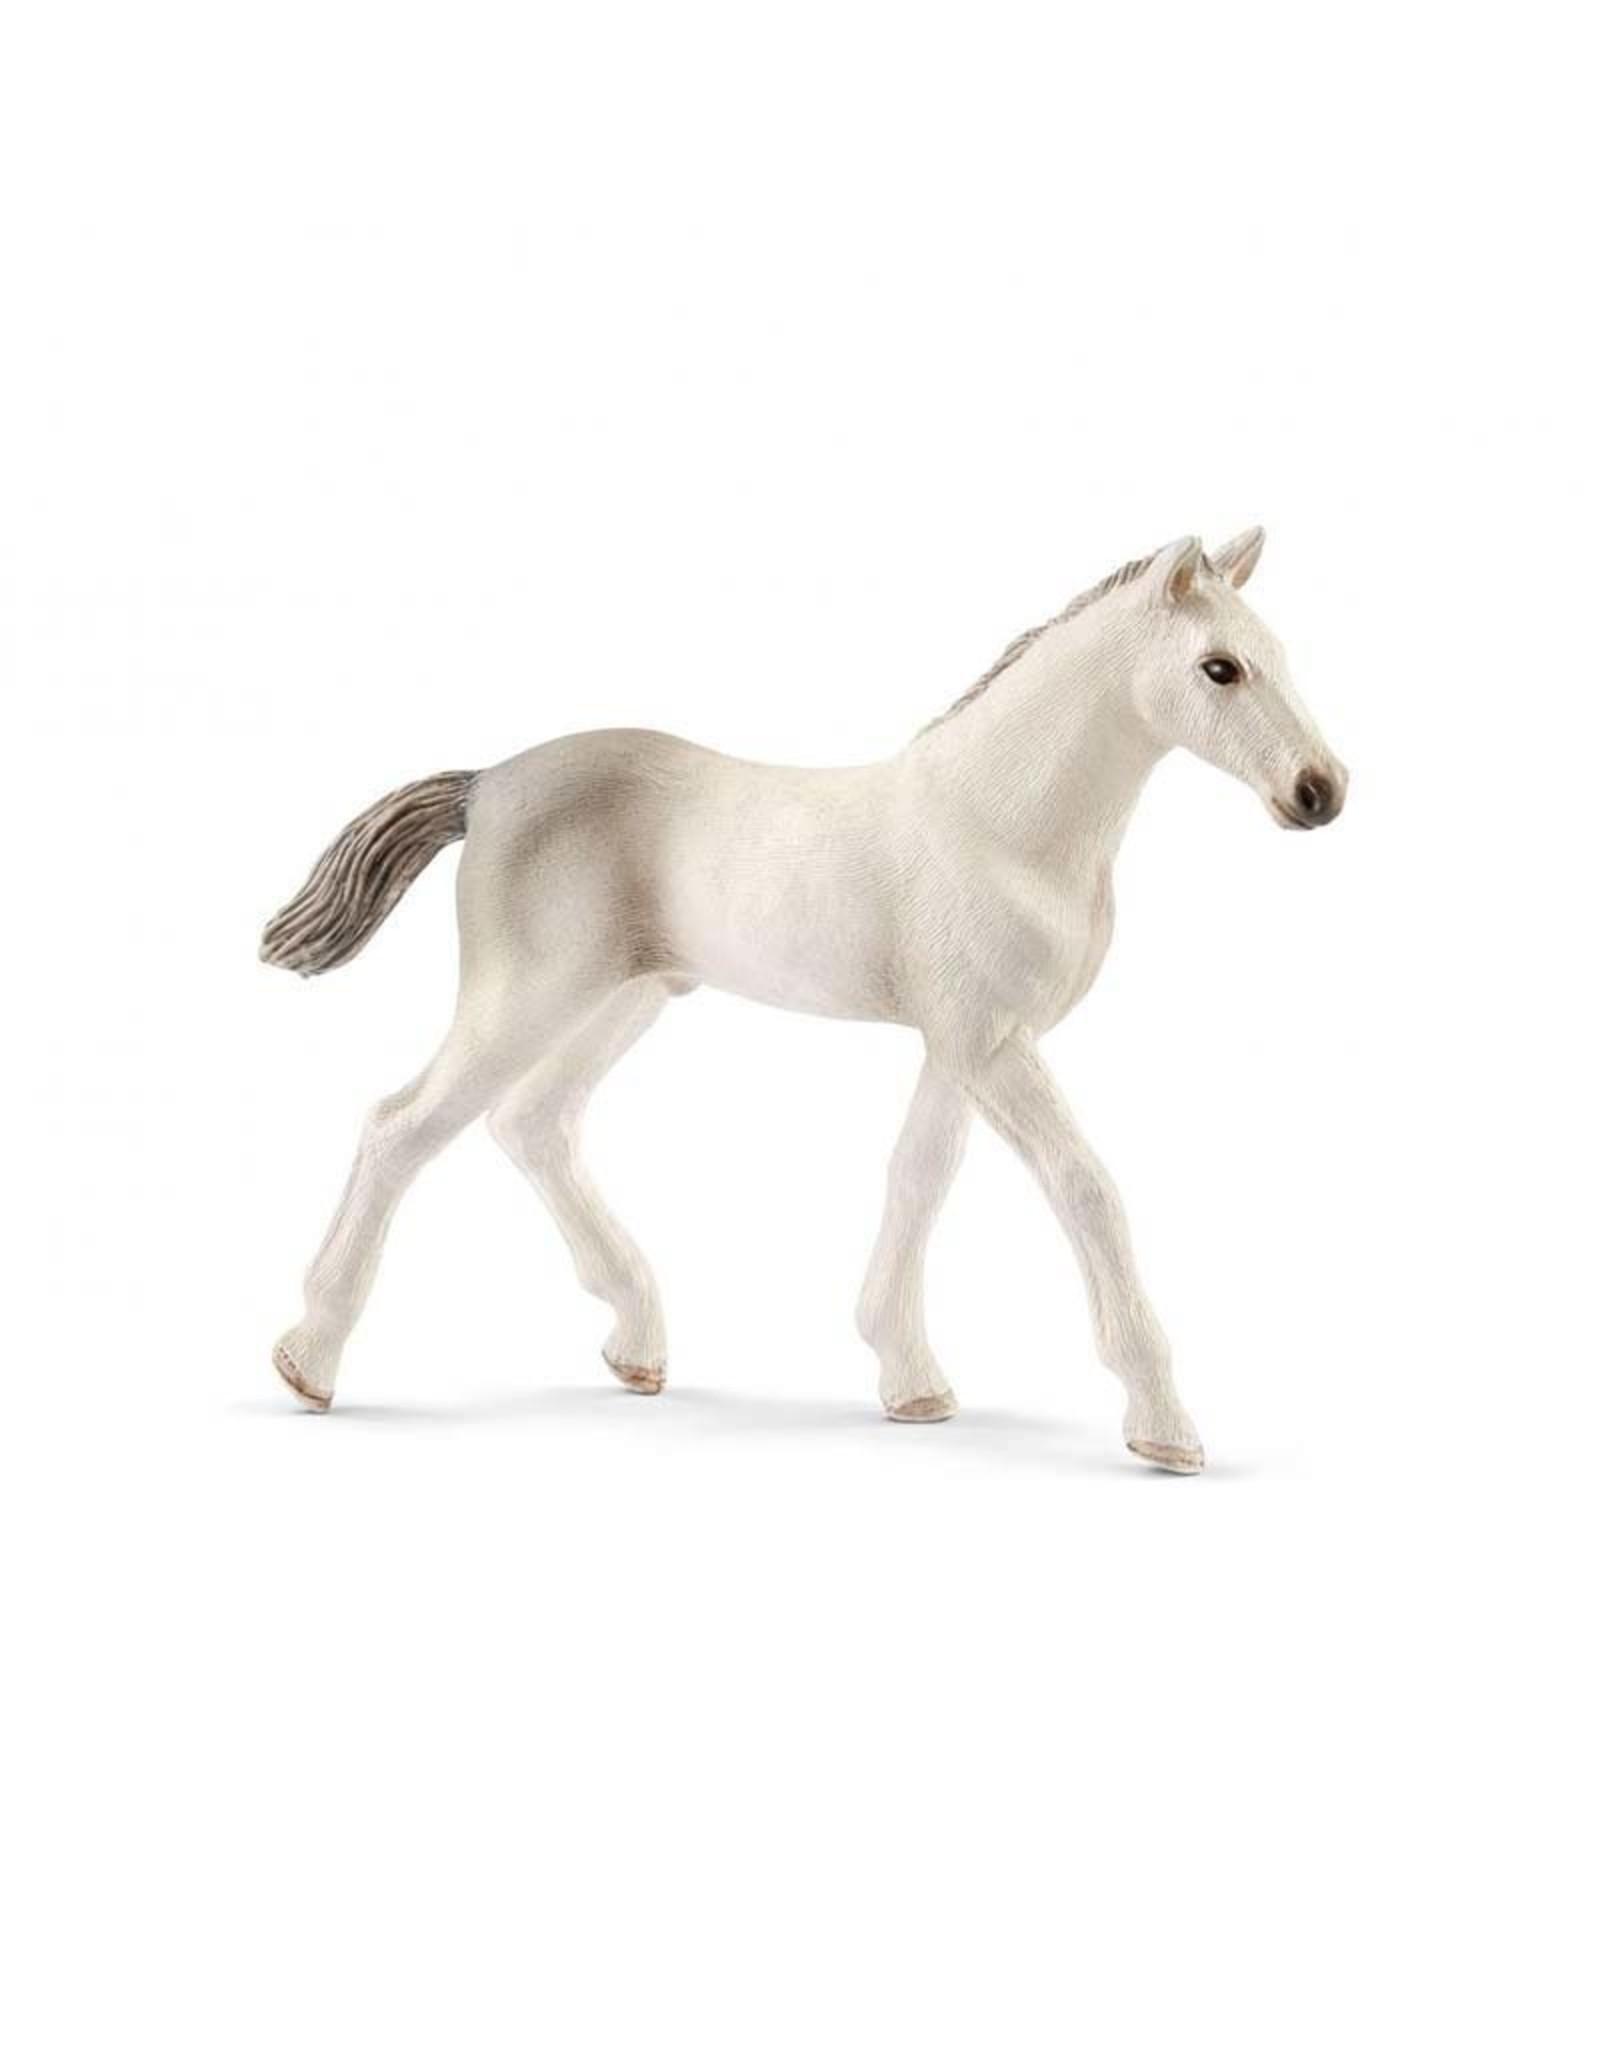 Schleich Schleich Holsteiner foal